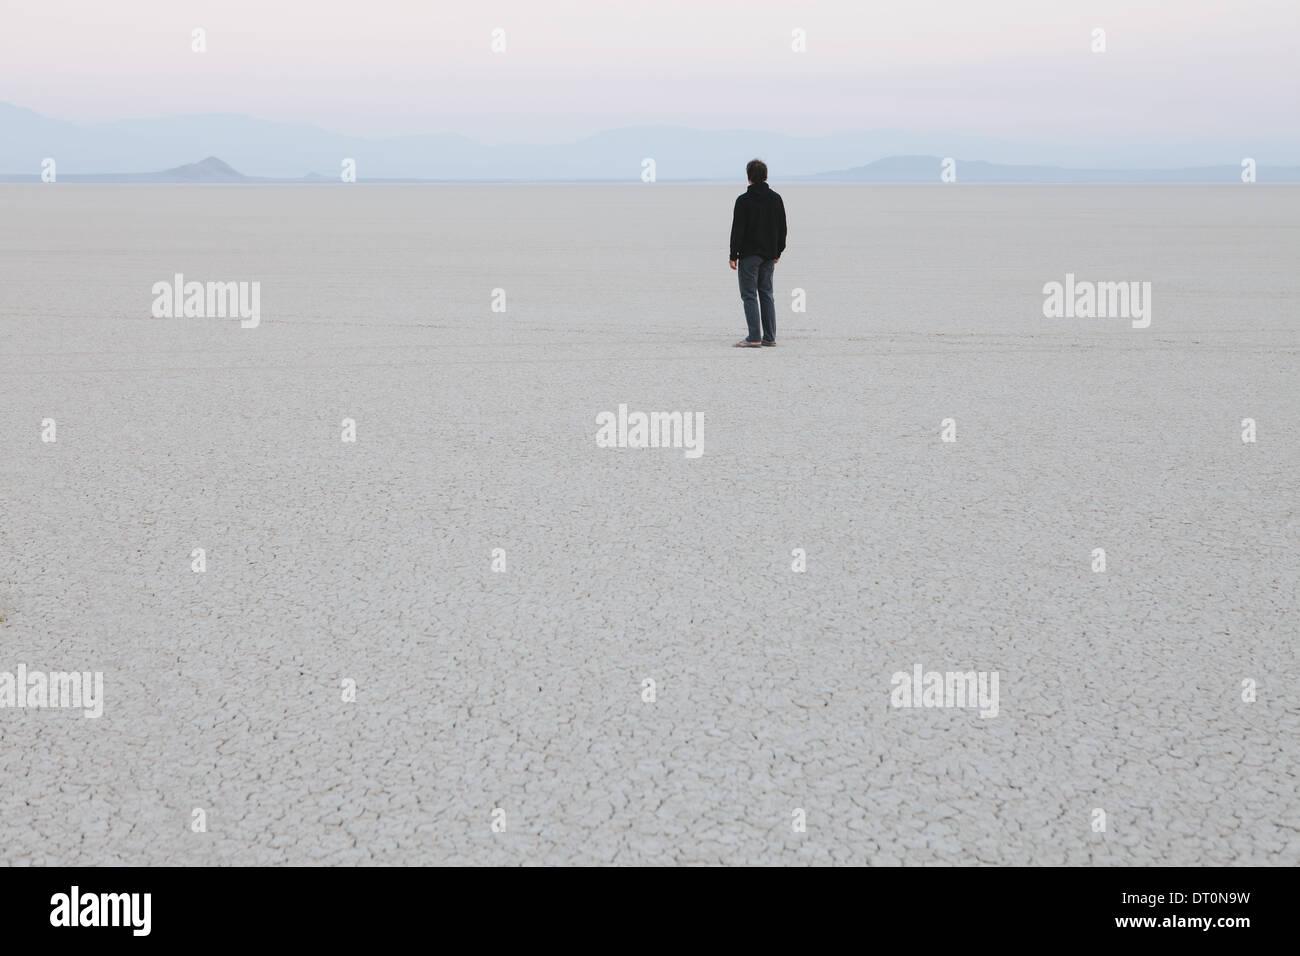 Black Rock Desert Nevada USA Man standing in vast desert landscape - Stock Image